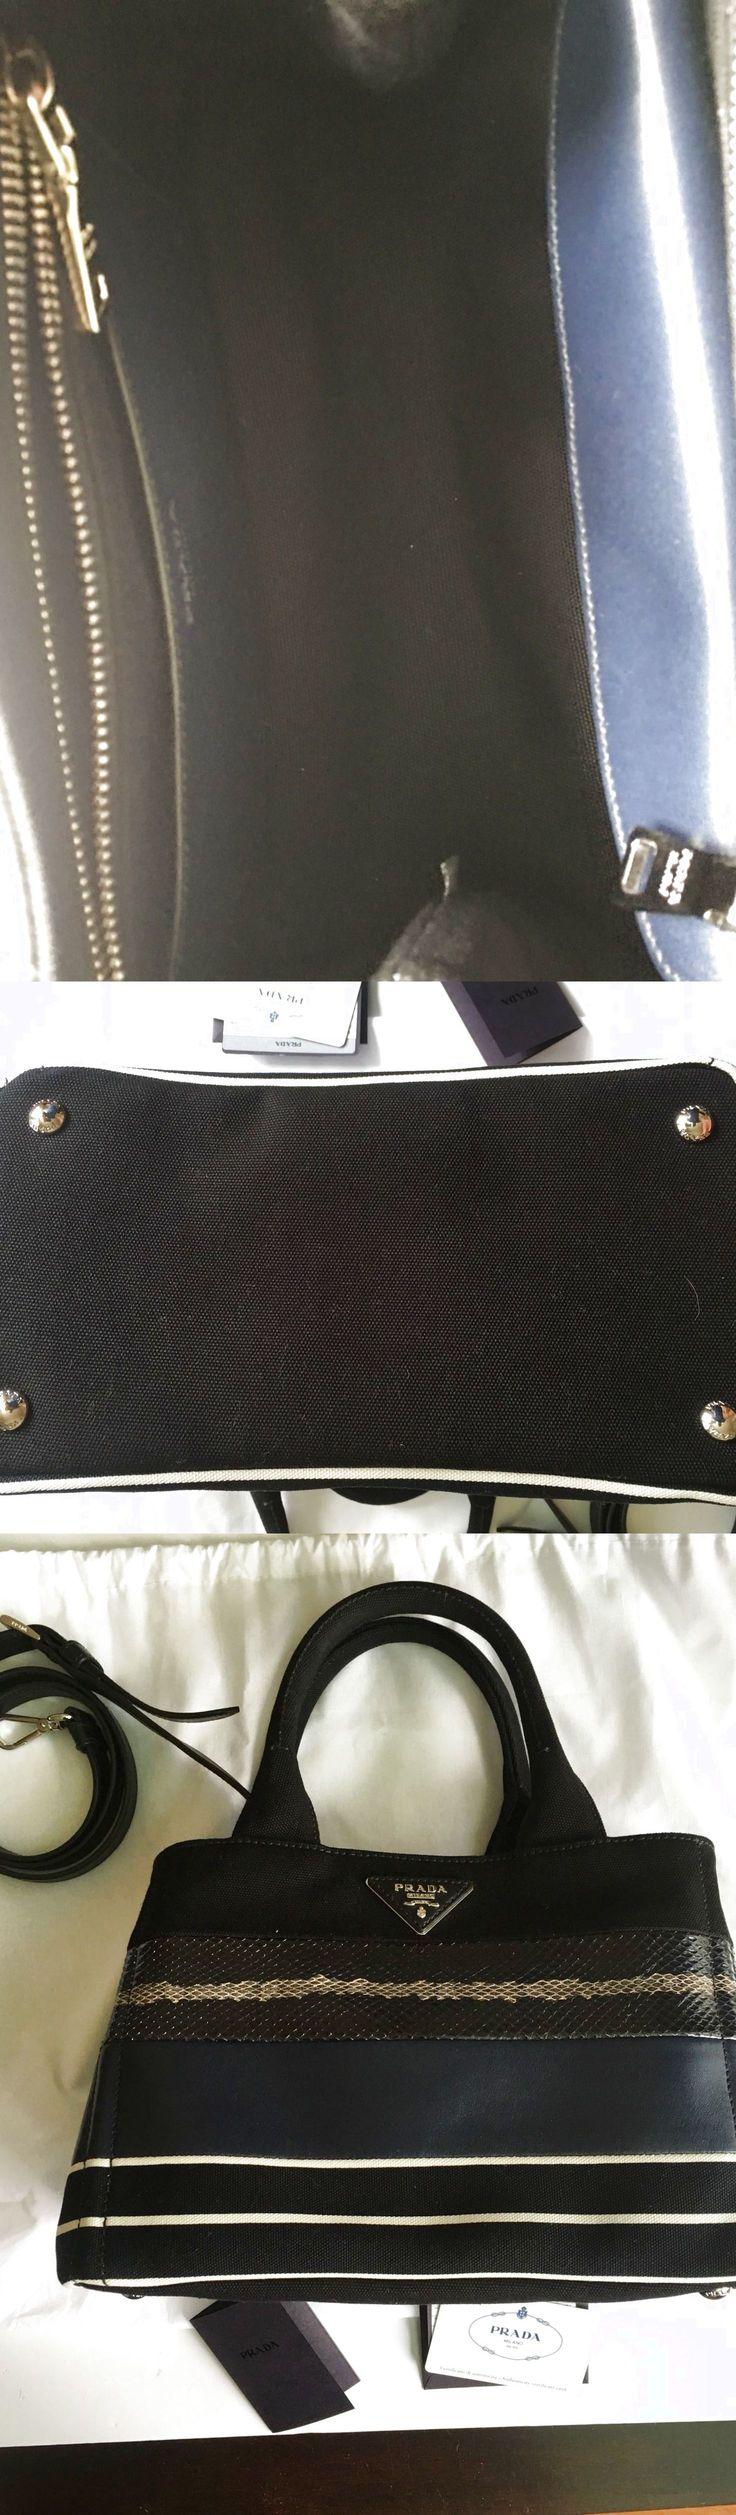 Prada handbag patch righe mix $680.0